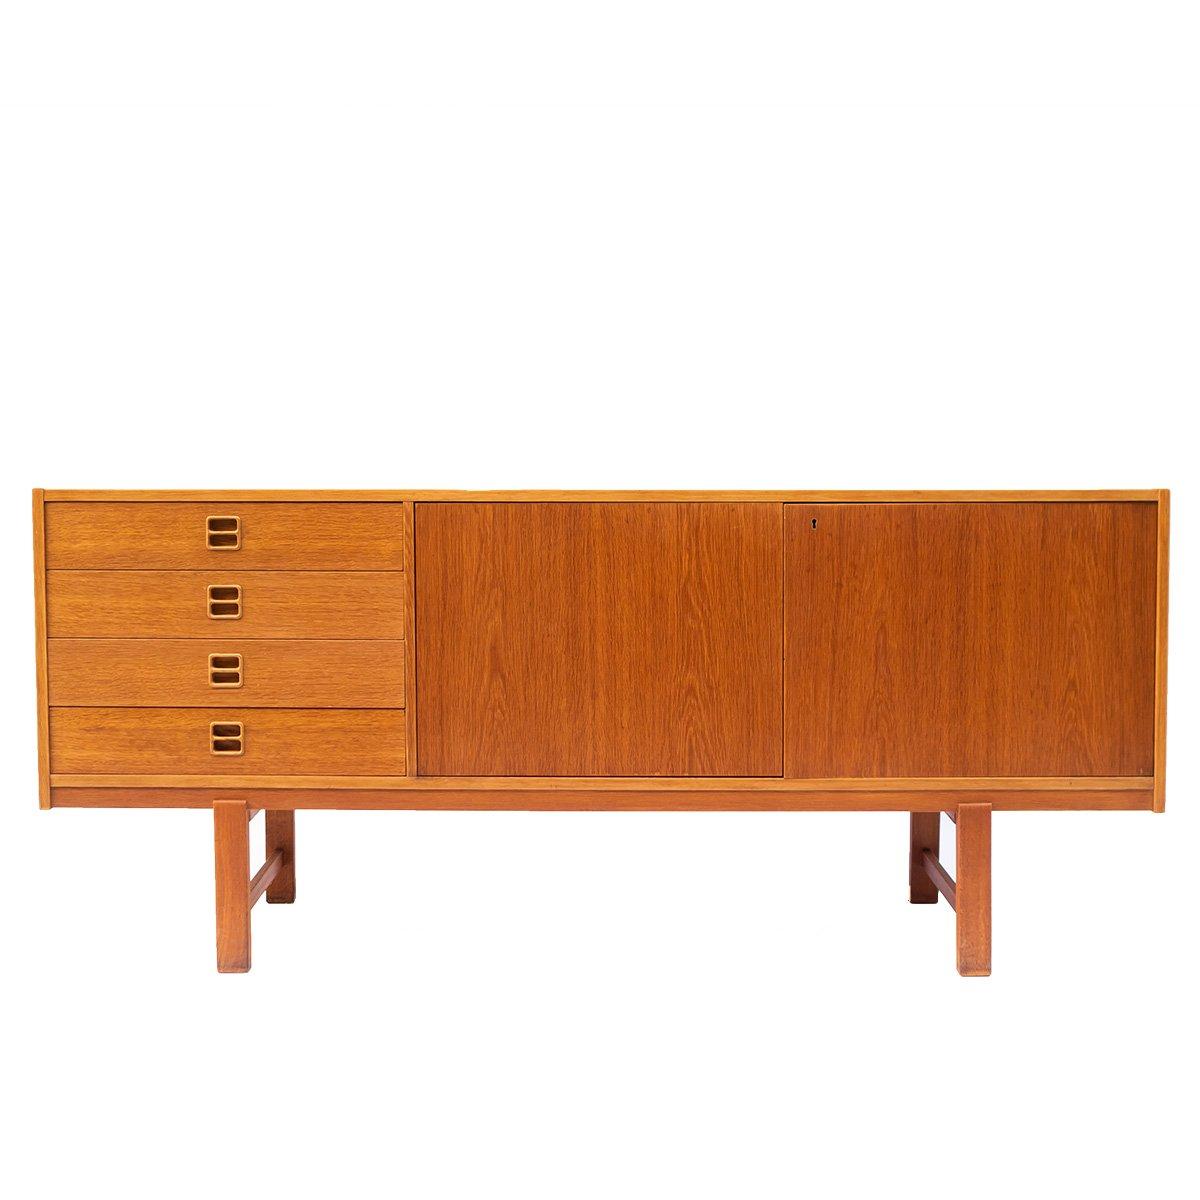 vintage sideboard aus eiche von ikea kanzlei broetzmann. Black Bedroom Furniture Sets. Home Design Ideas